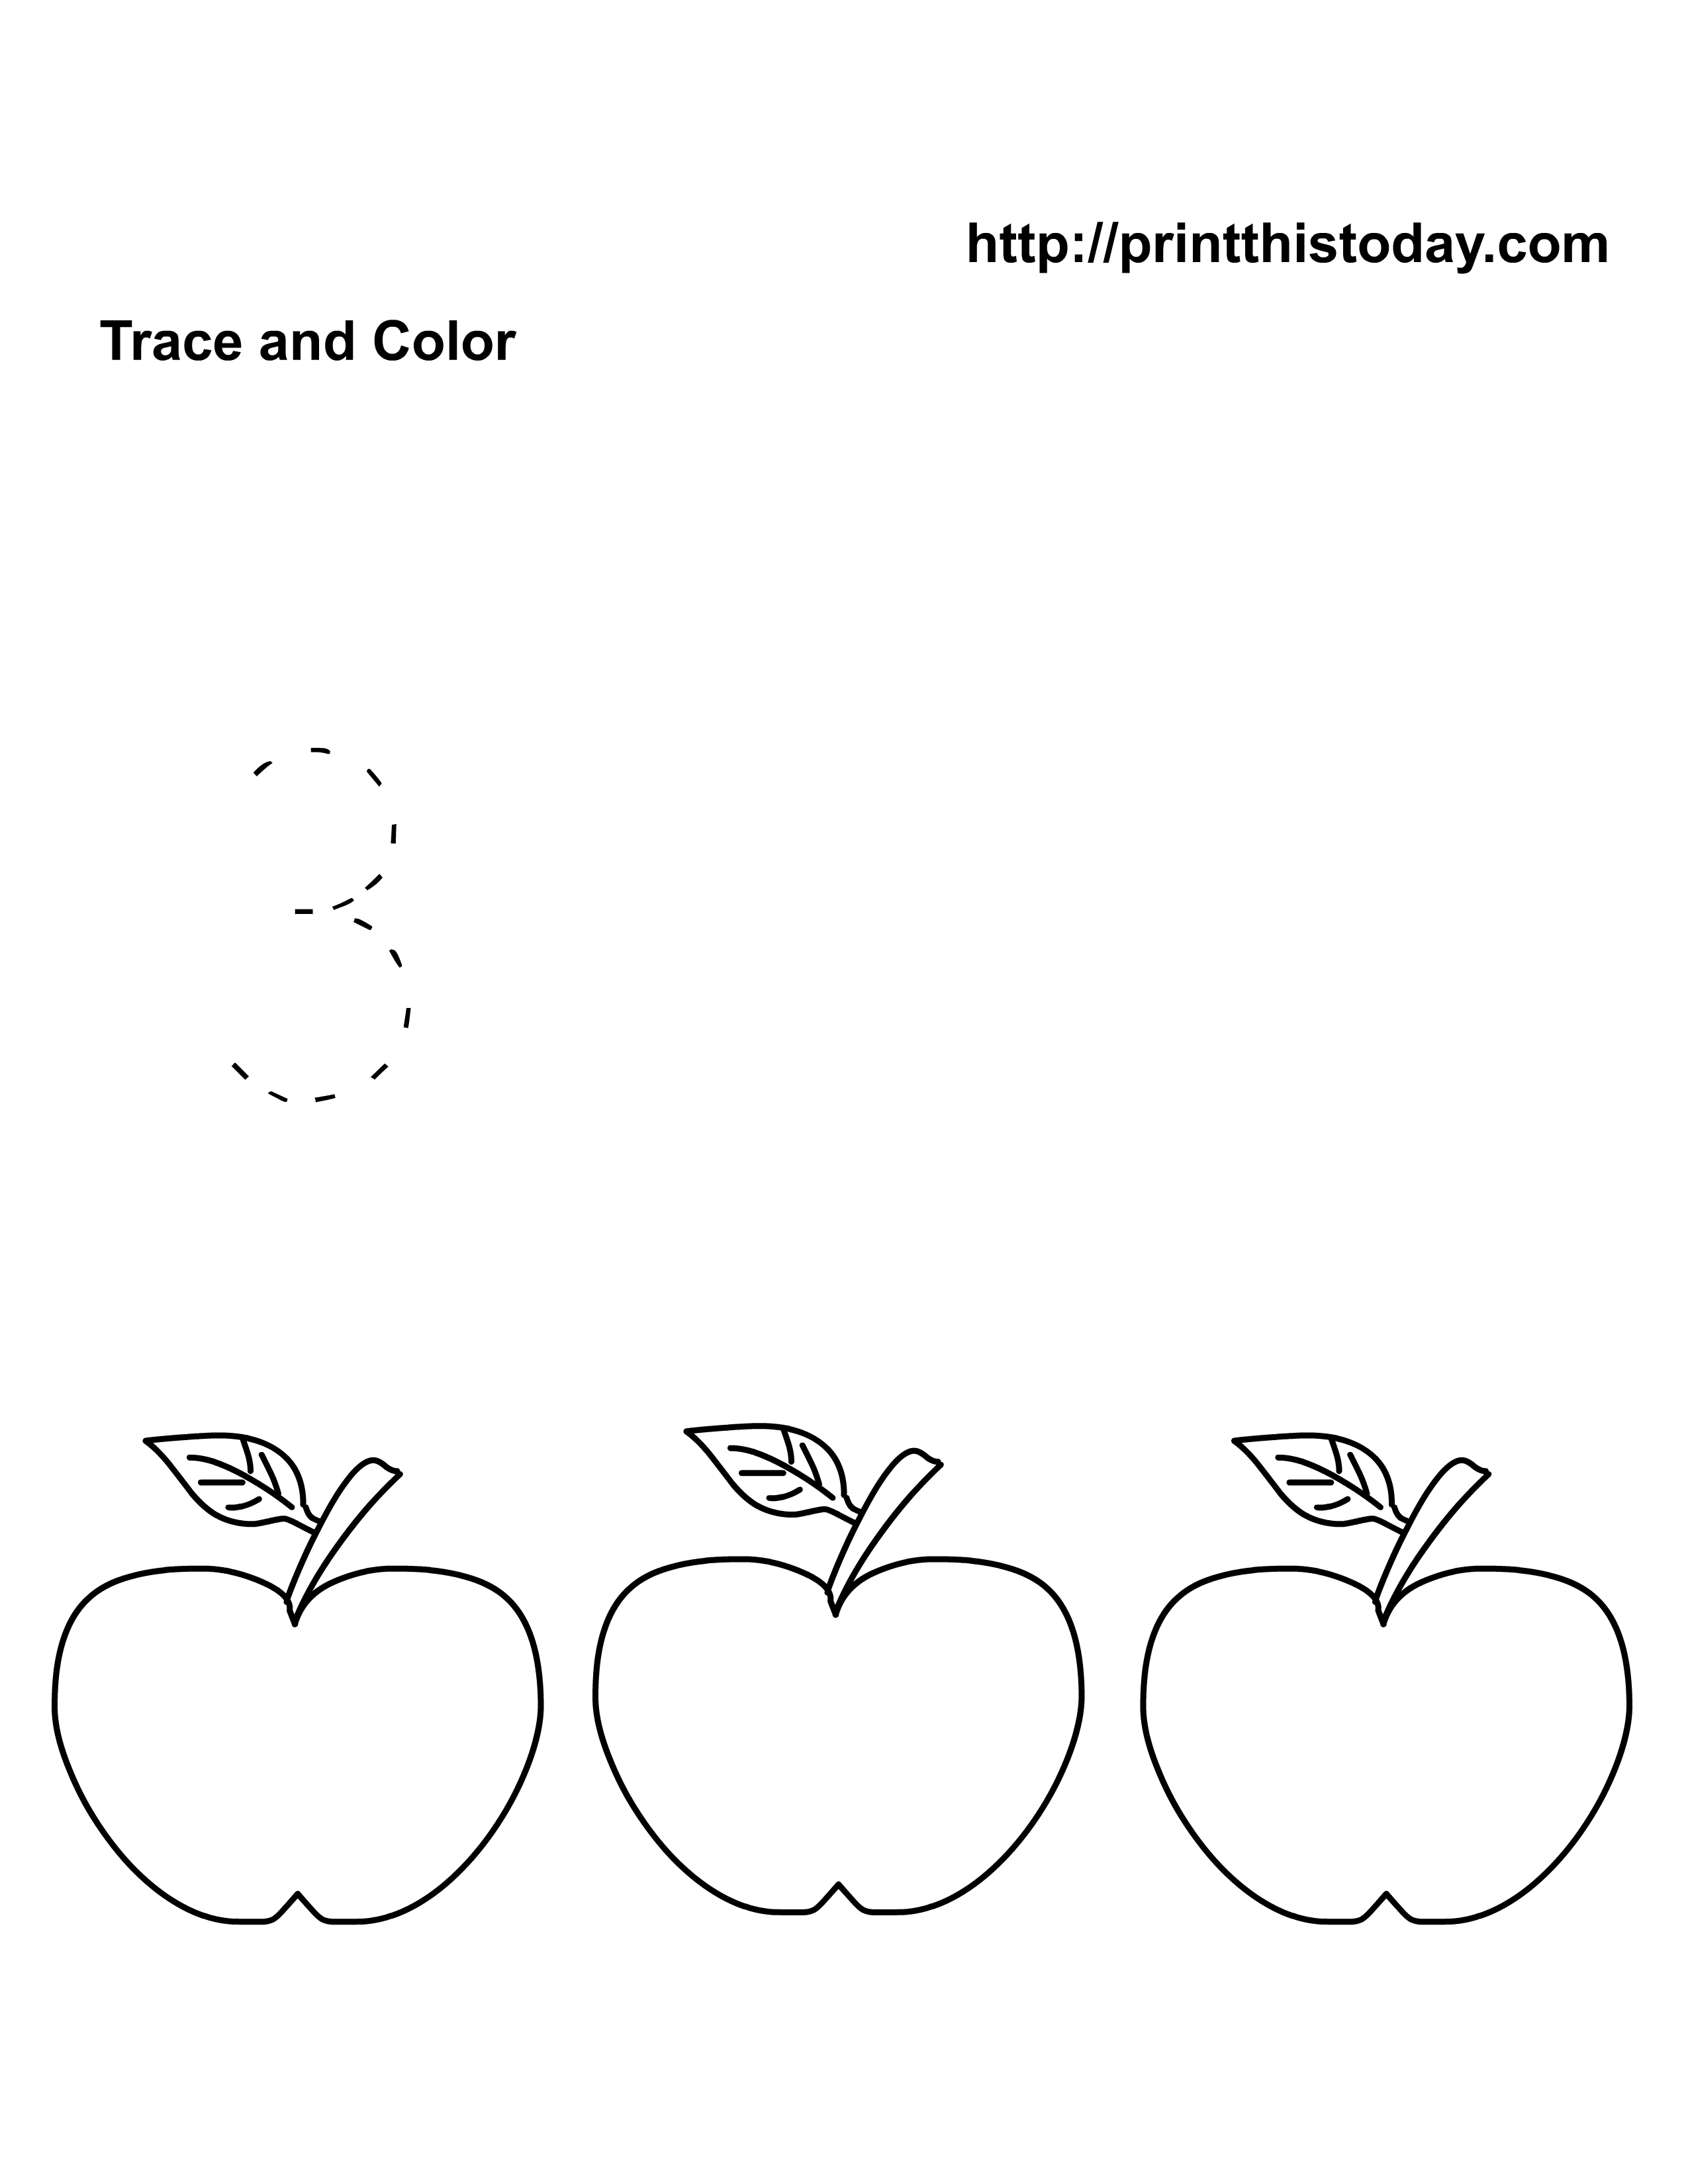 Worksheets Number 3 Worksheets For Preschool 3 worksheets for preschoolers intrepidpath 6 best images of printable number worksheets